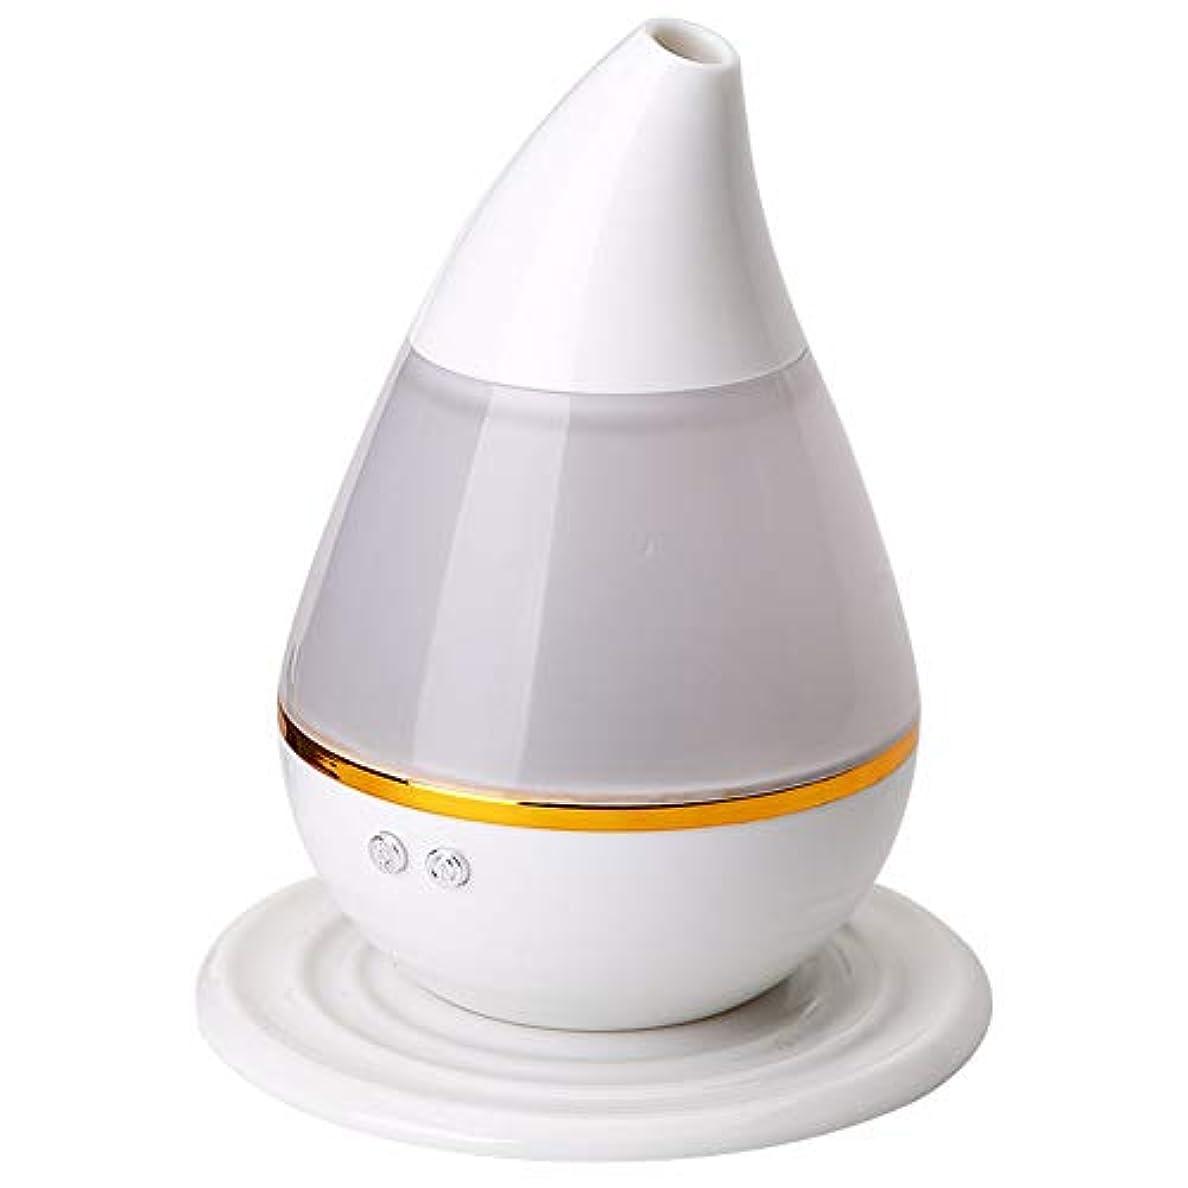 アマゾンジャングル冊子サービスエッセンシャル オイル ディフューザー, 涼しい霧の加湿器 7色LEDムードランプ そして 自動シャットオフ アロマディフューザー の ホーム オフィス Yoga 車-ホワイト 12x15cm